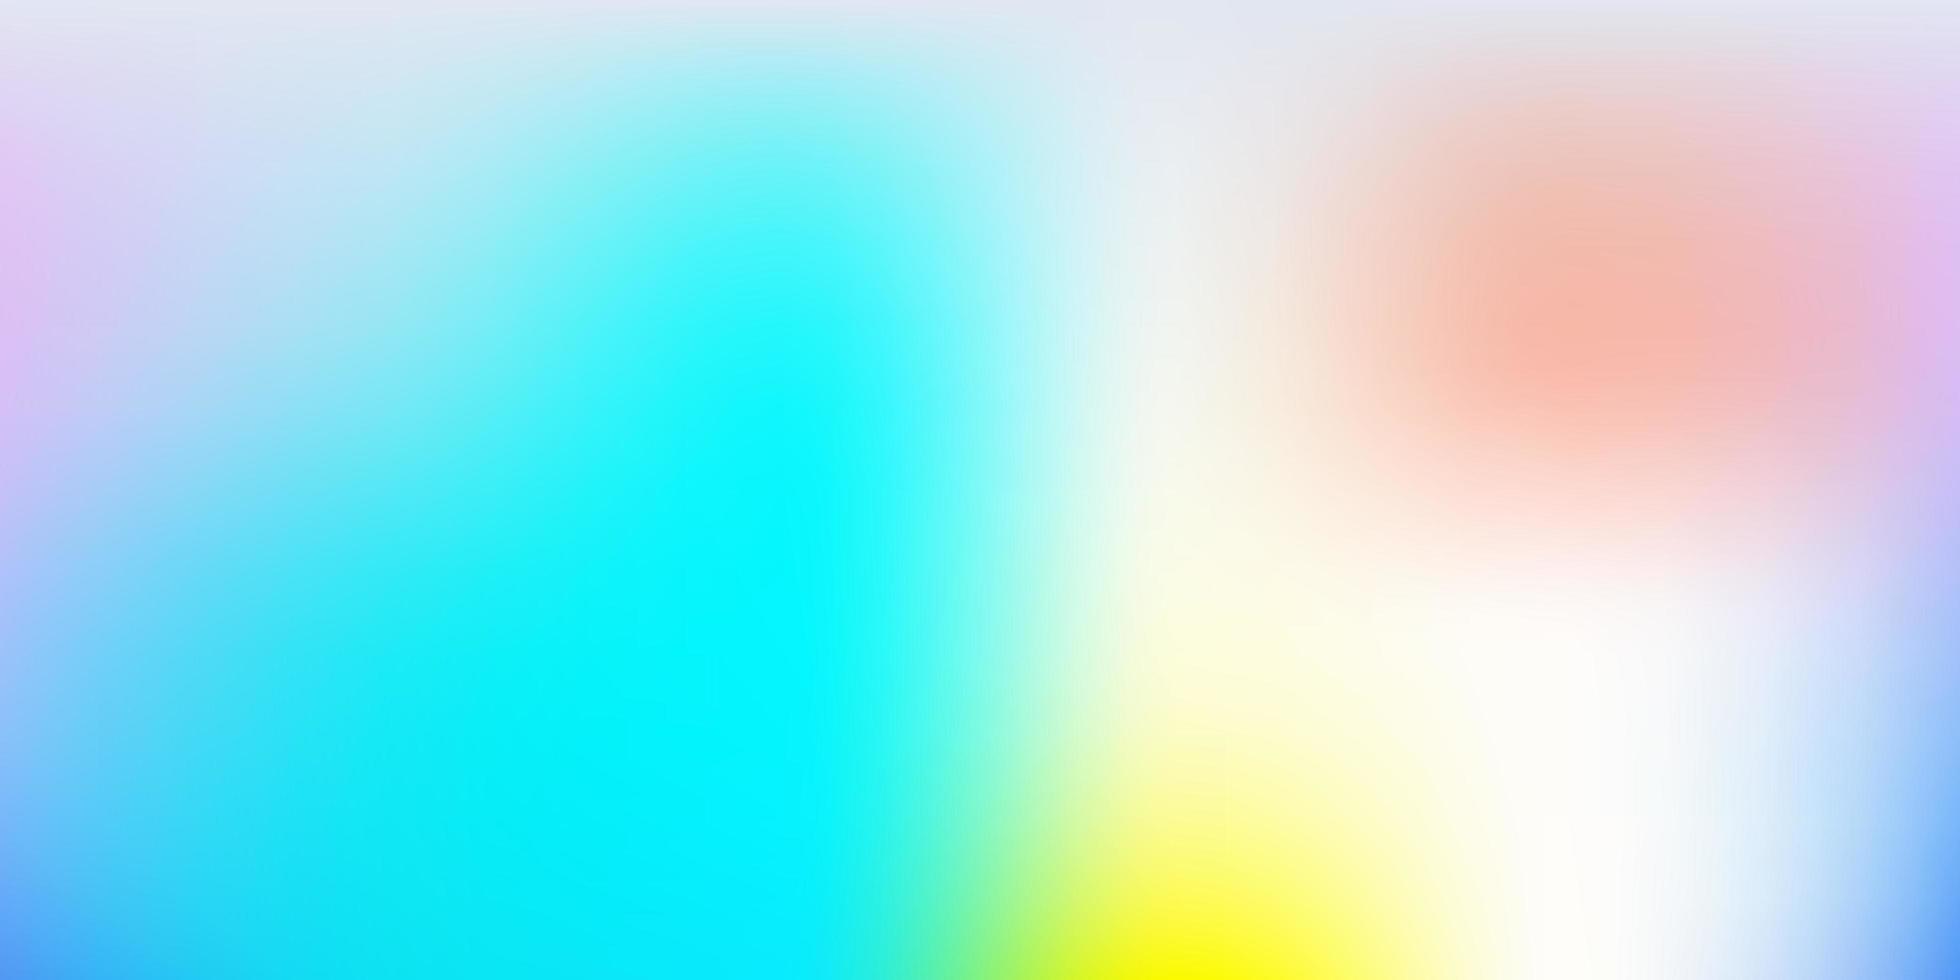 ljusblå och gul suddig mall. vektor